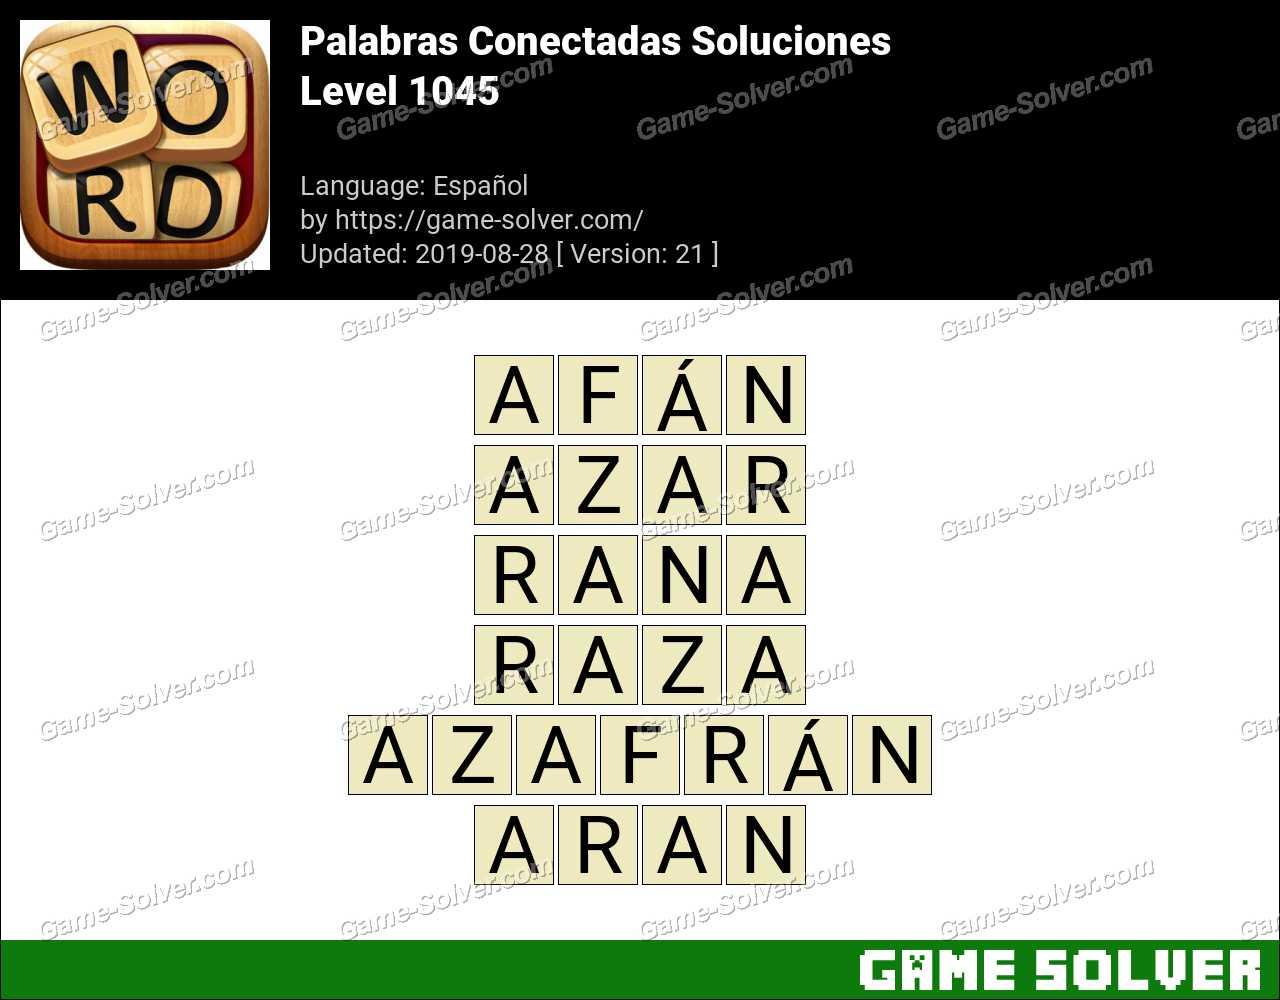 Palabras Conectadas Nivel 1045 Soluciones